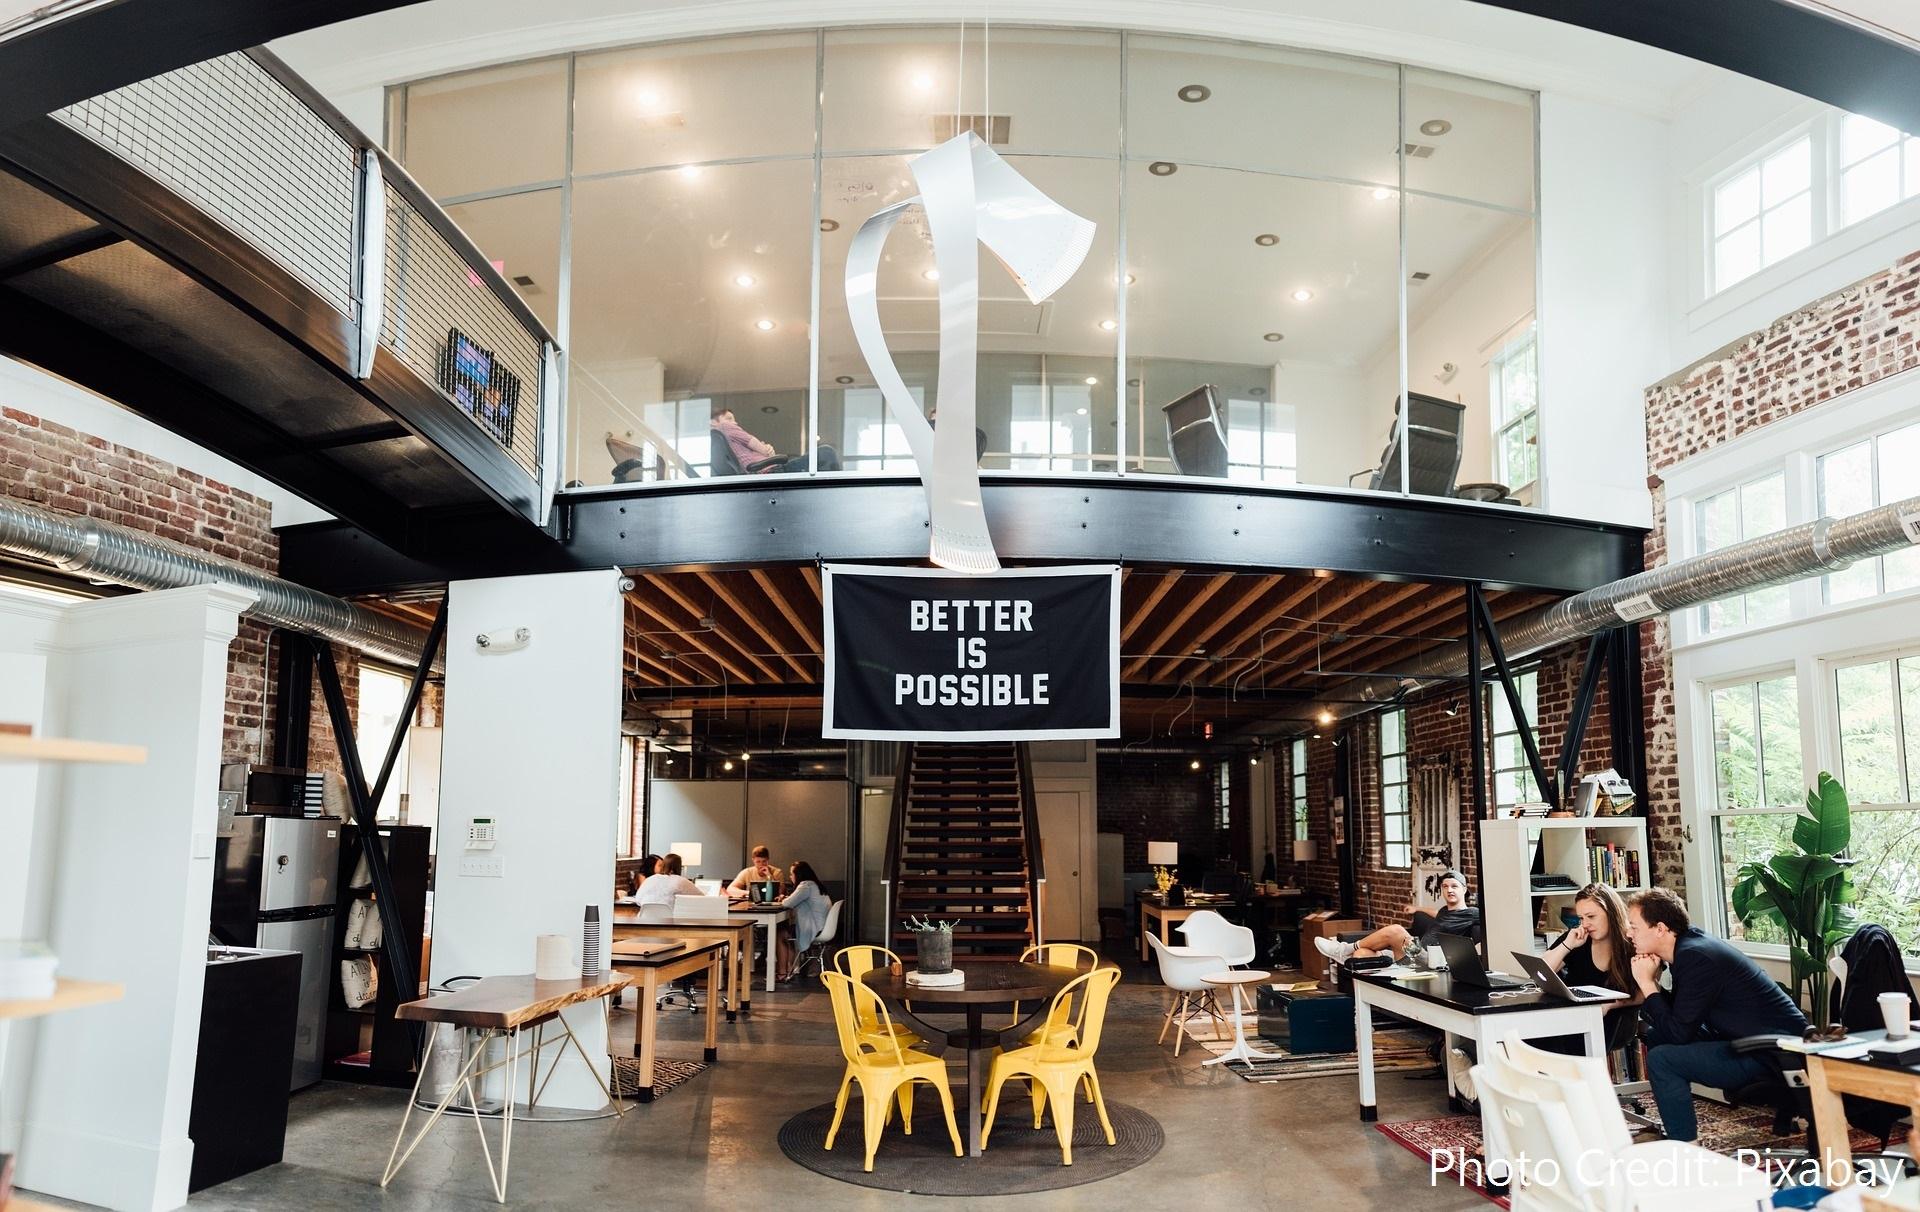 上班也可以很有趣!矽谷新創讓辦公室變成「實體社群網站」